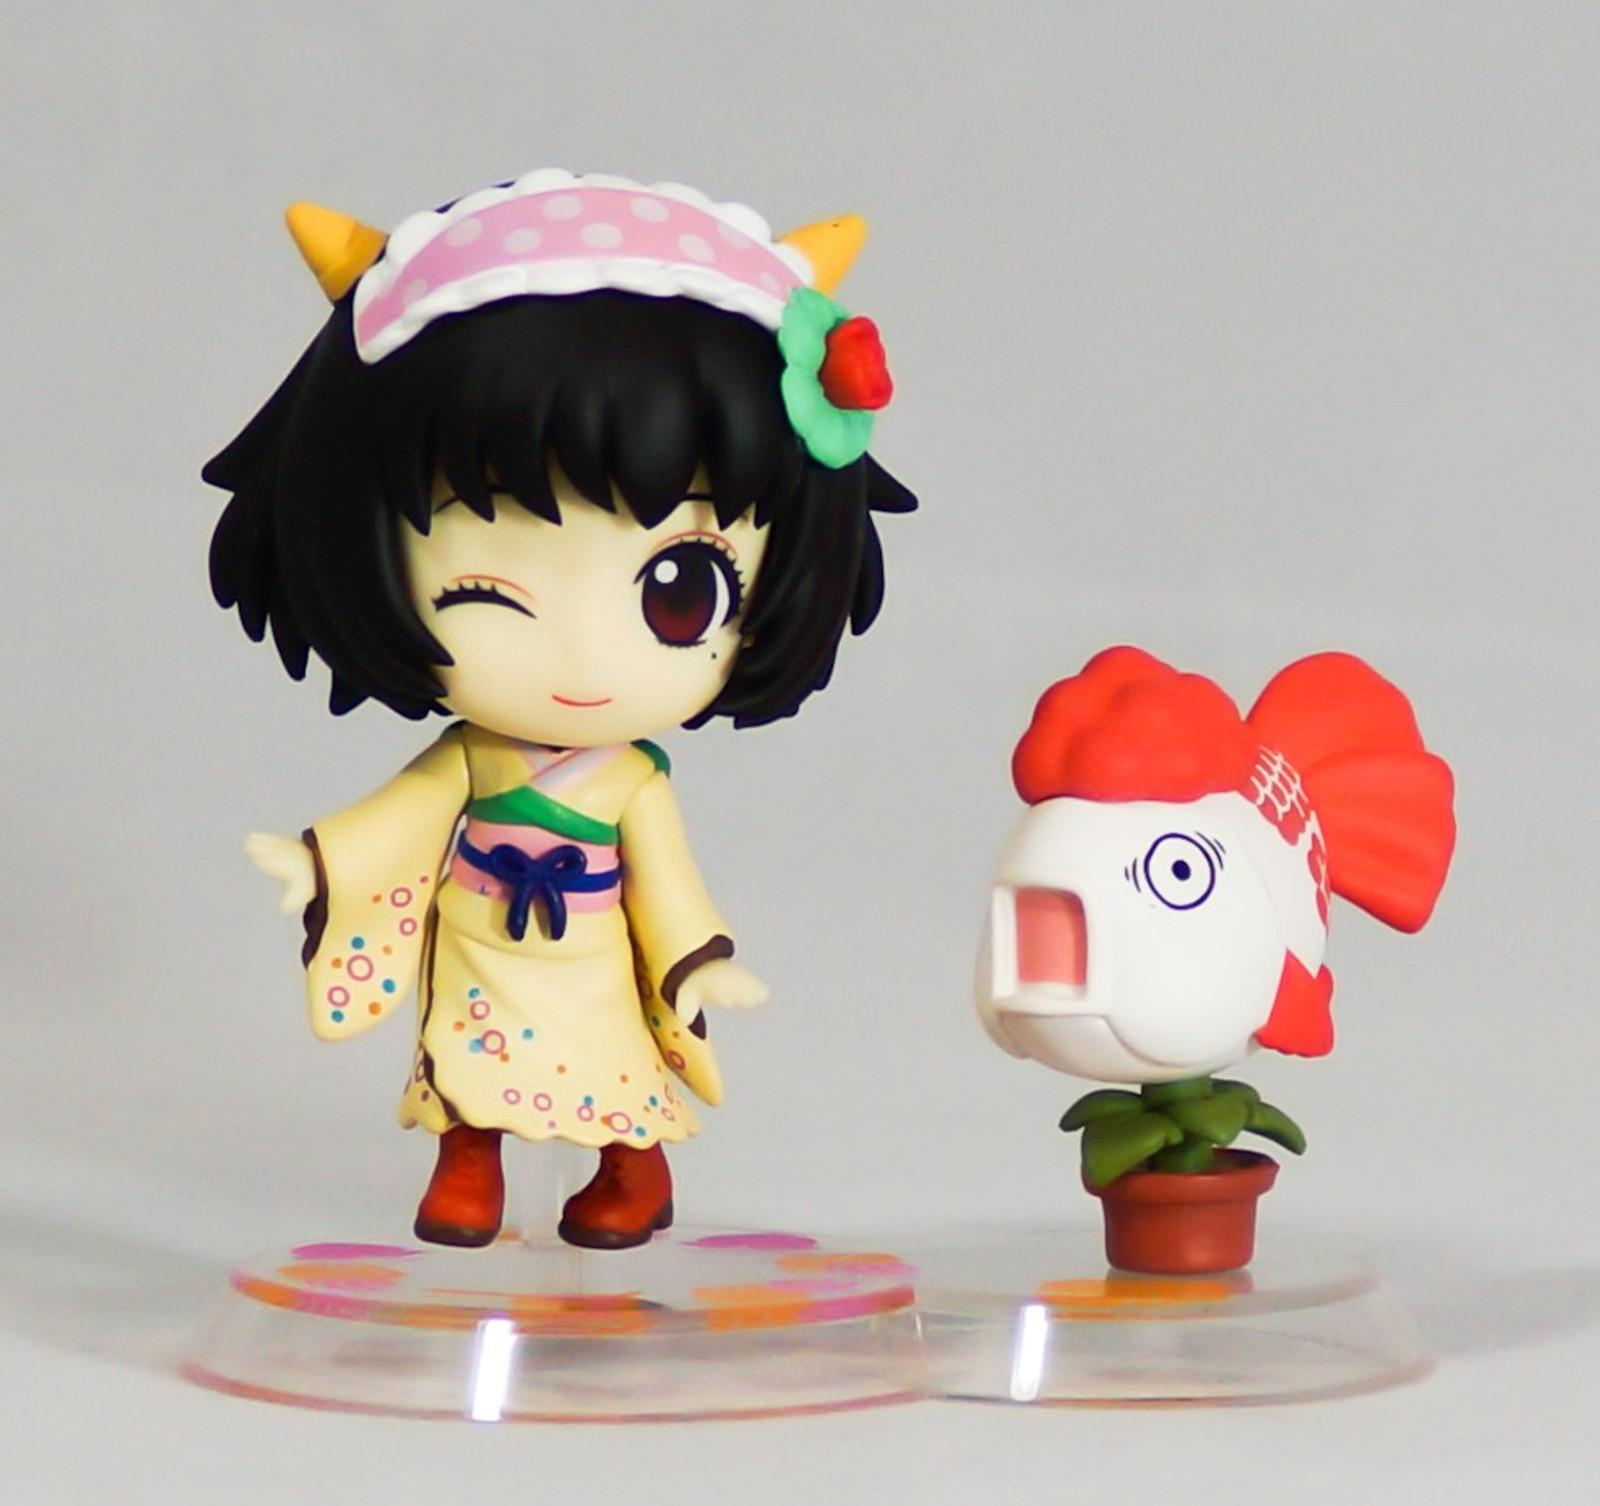 Hozuki no Reitetsu Coolheadedness Peach Maki & Kingyoso Chibi Kyun Chara Figure